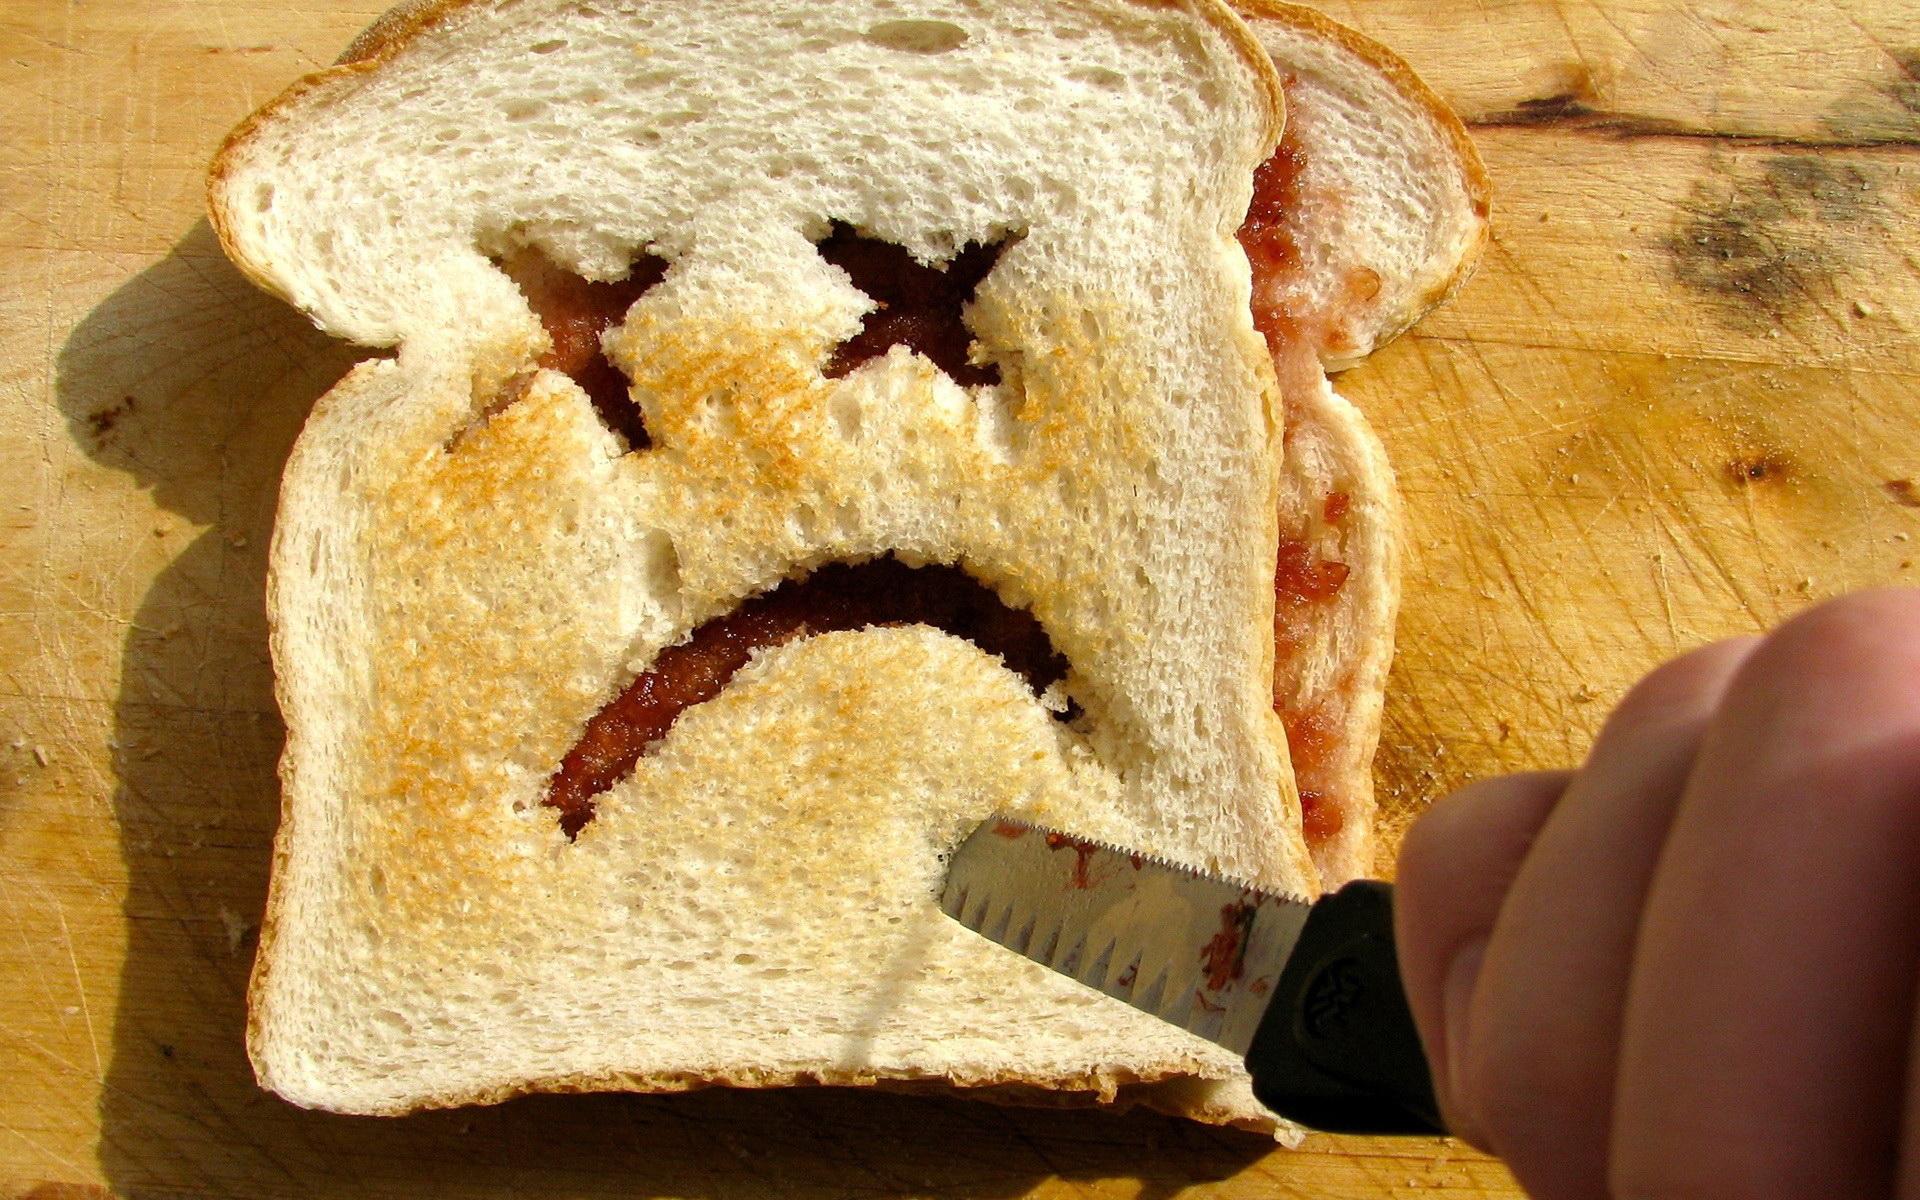 Картинка как резать хлеб про характер прикольные